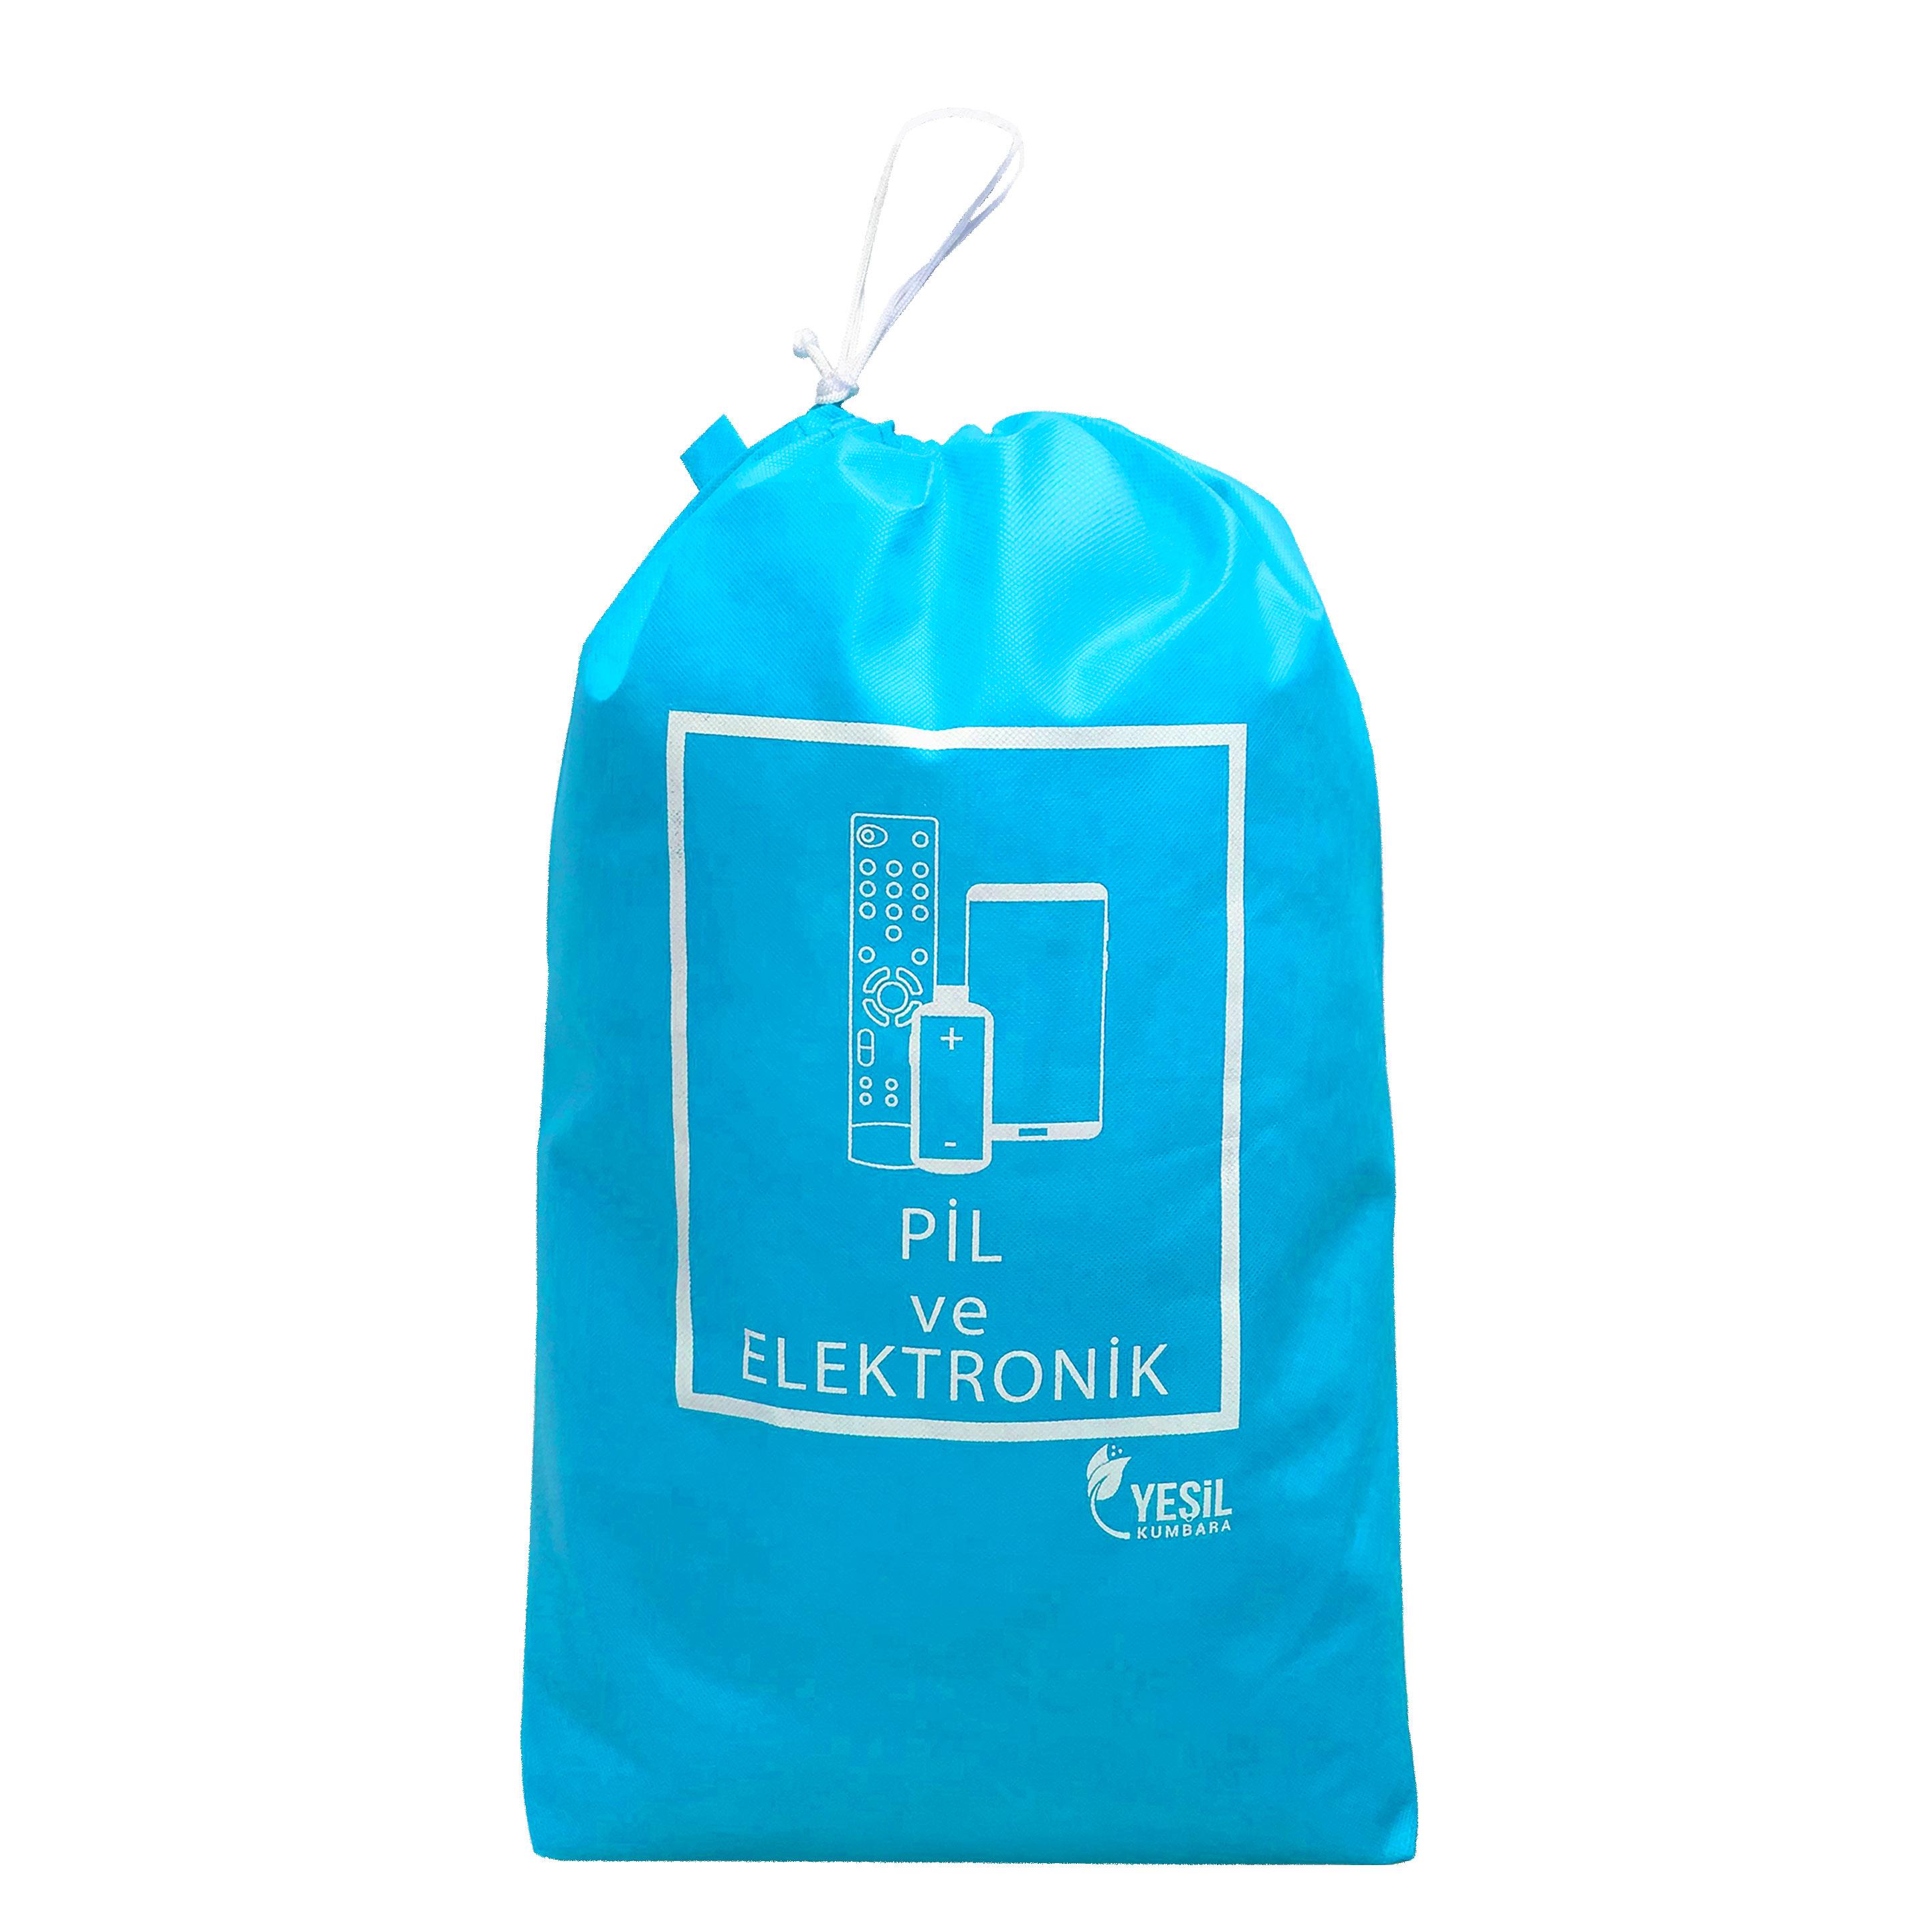 pil elektronik atik ayristirma torbasi - Ayrıştırma Üniteleri